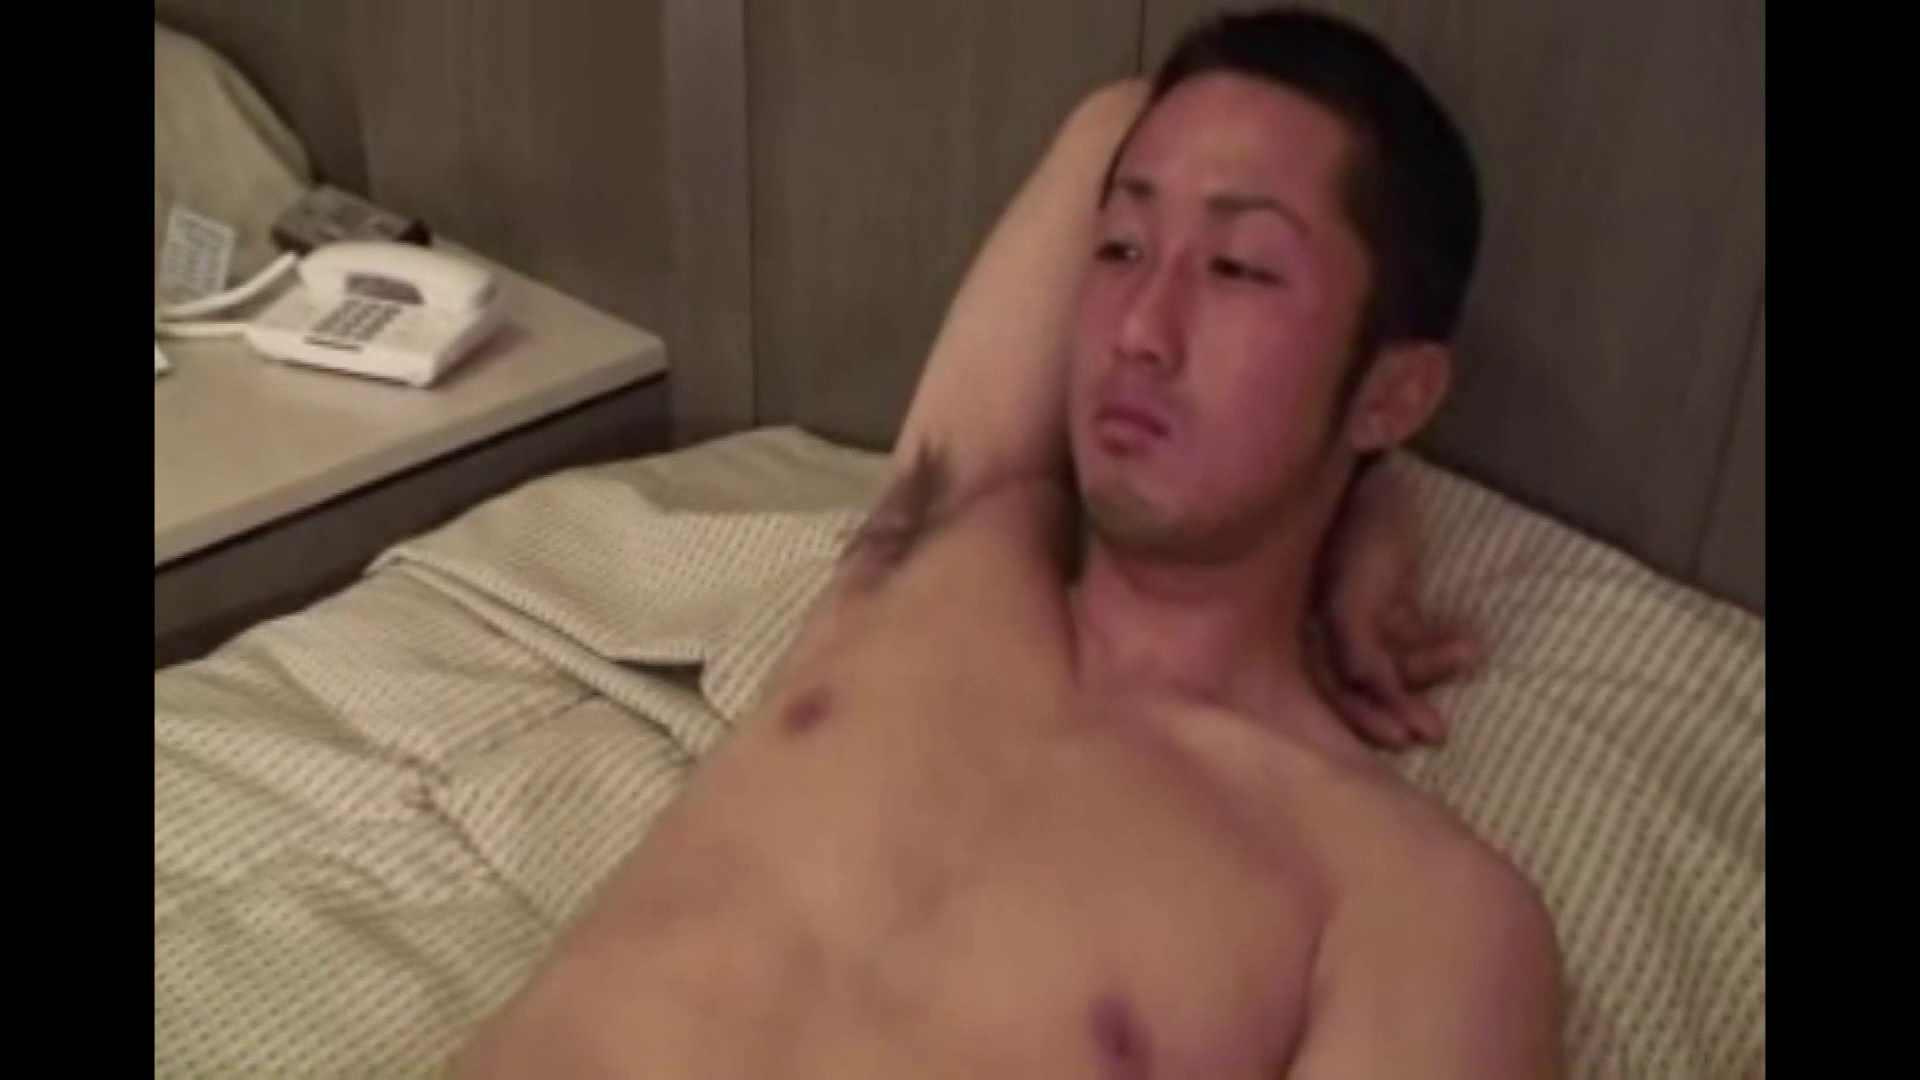 ノンケイケメンの欲望と肉棒 Vol.4 肉   ノンケボーイズ  52pic 42